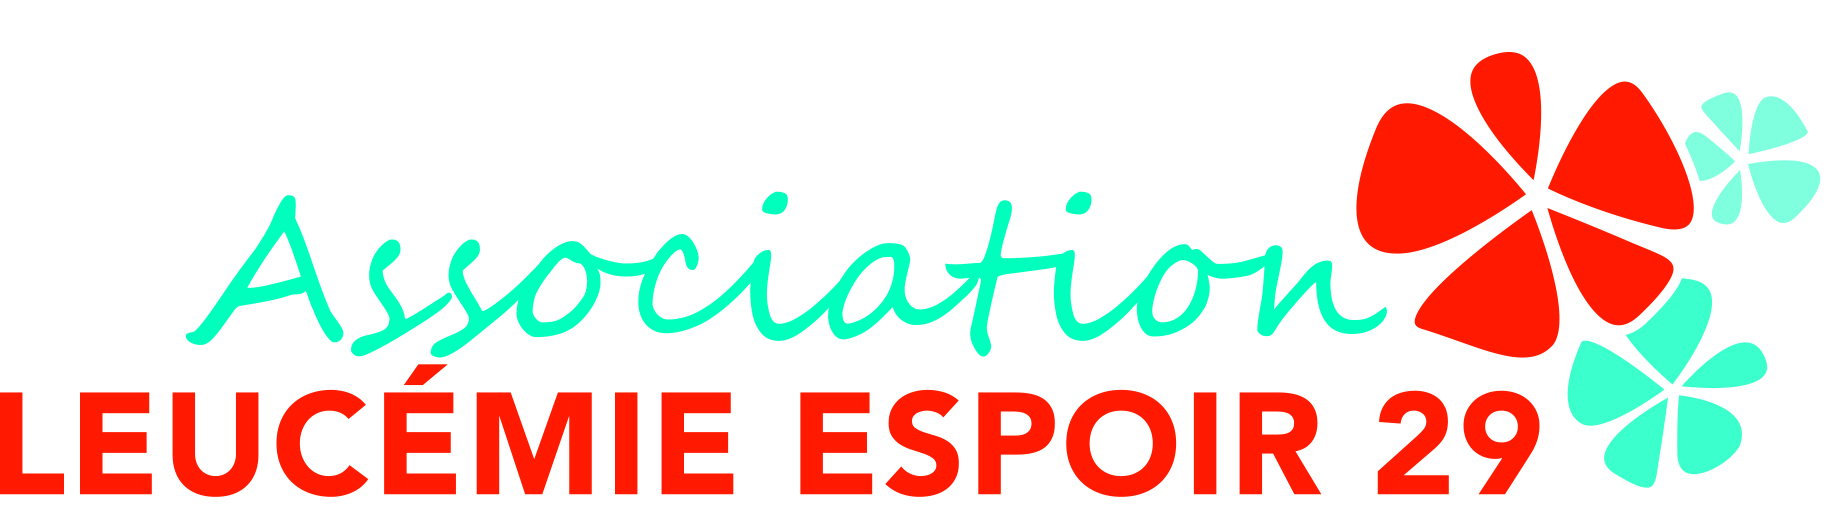 Logo Leucémie espoir 29 - Céline et Stéphane